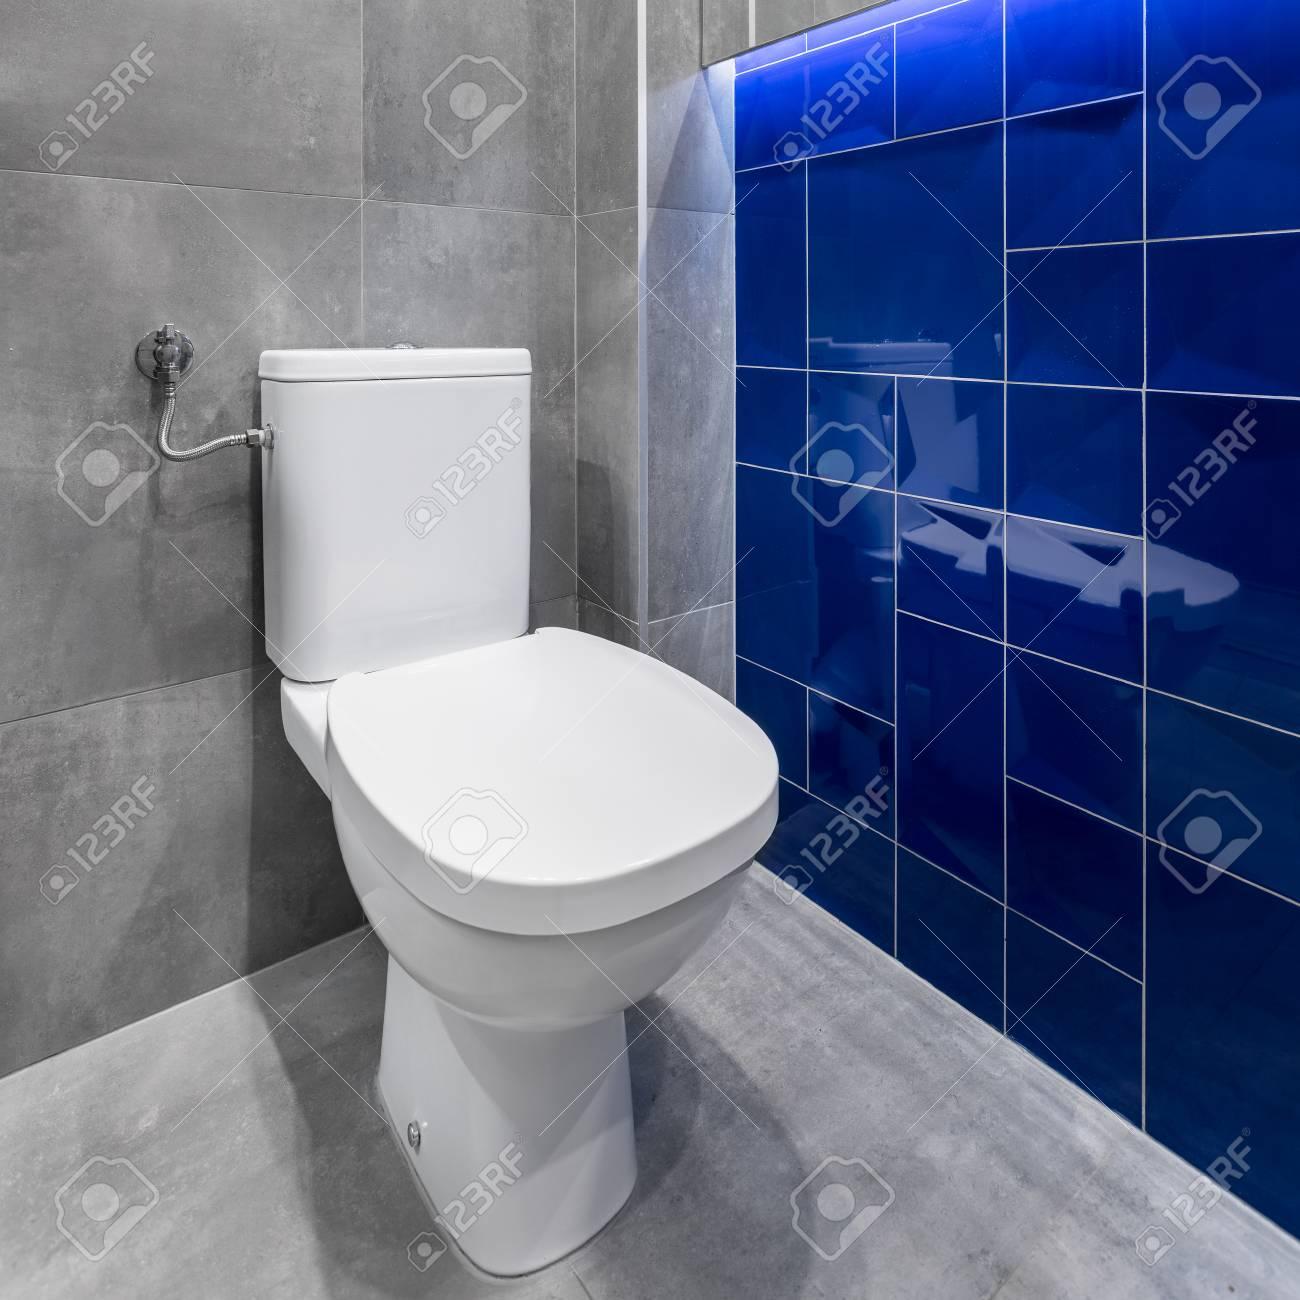 toilette blanche simple dans la salle de bain moderne avec des carreaux elegants en gris et bleu banque d images et photos libres de droits image 66100817